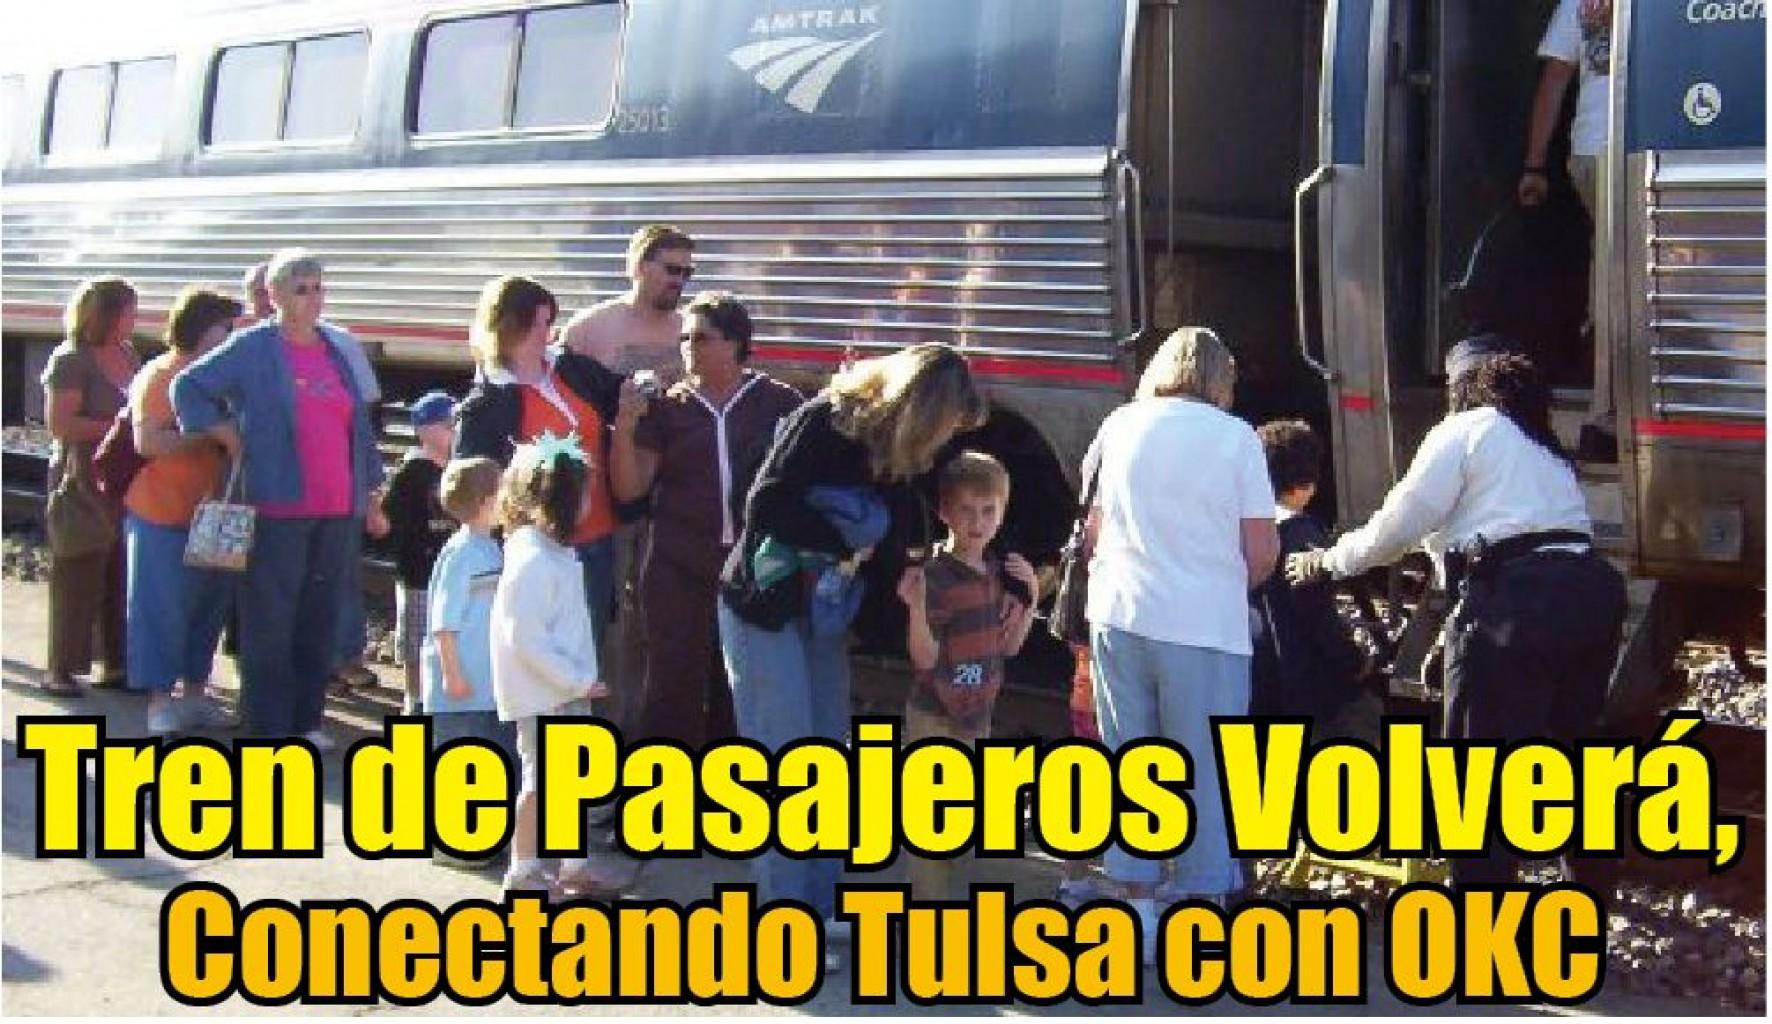 Tren de Pasajeros Volverá, Conectando Tulsa con OKC